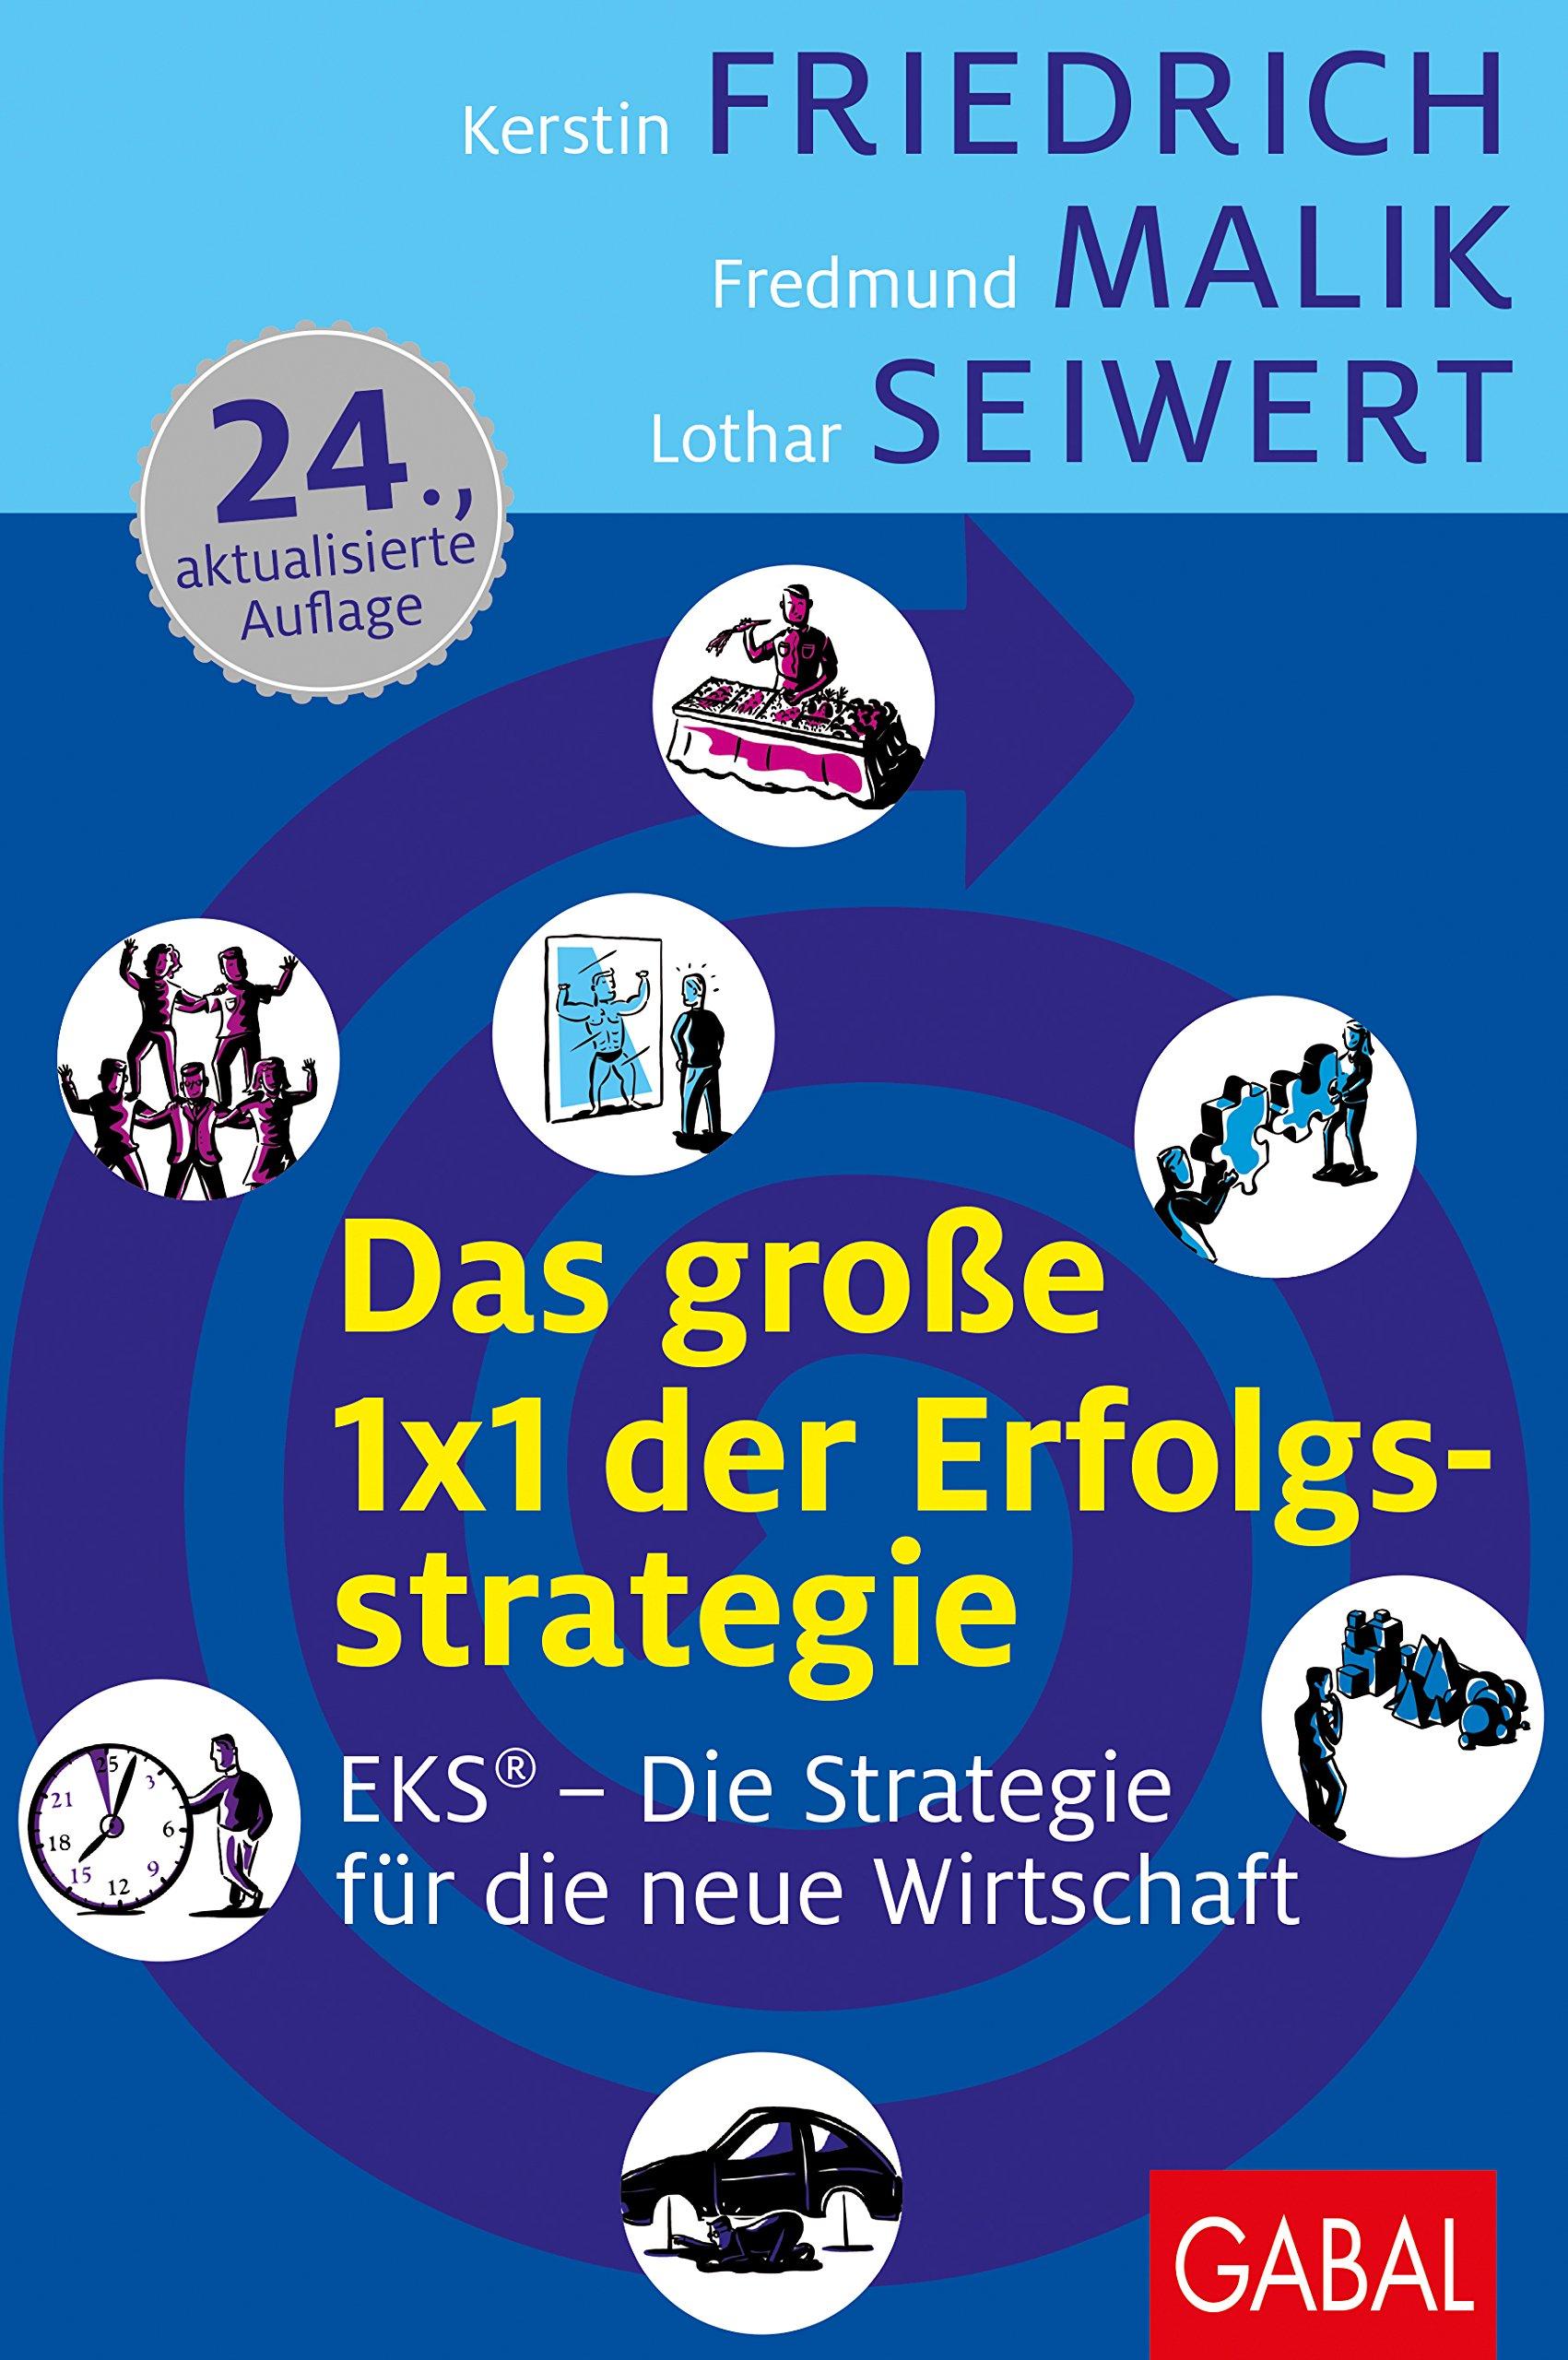 Das große 1x1 der Erfolgsstrategie: EKS – Die Strategie für die neue Wirtschaft Gebundenes Buch – 10. September 2009 Kerstin Friedrich Fredmund Malik Lothar Seiwert Wolfgang Mewes